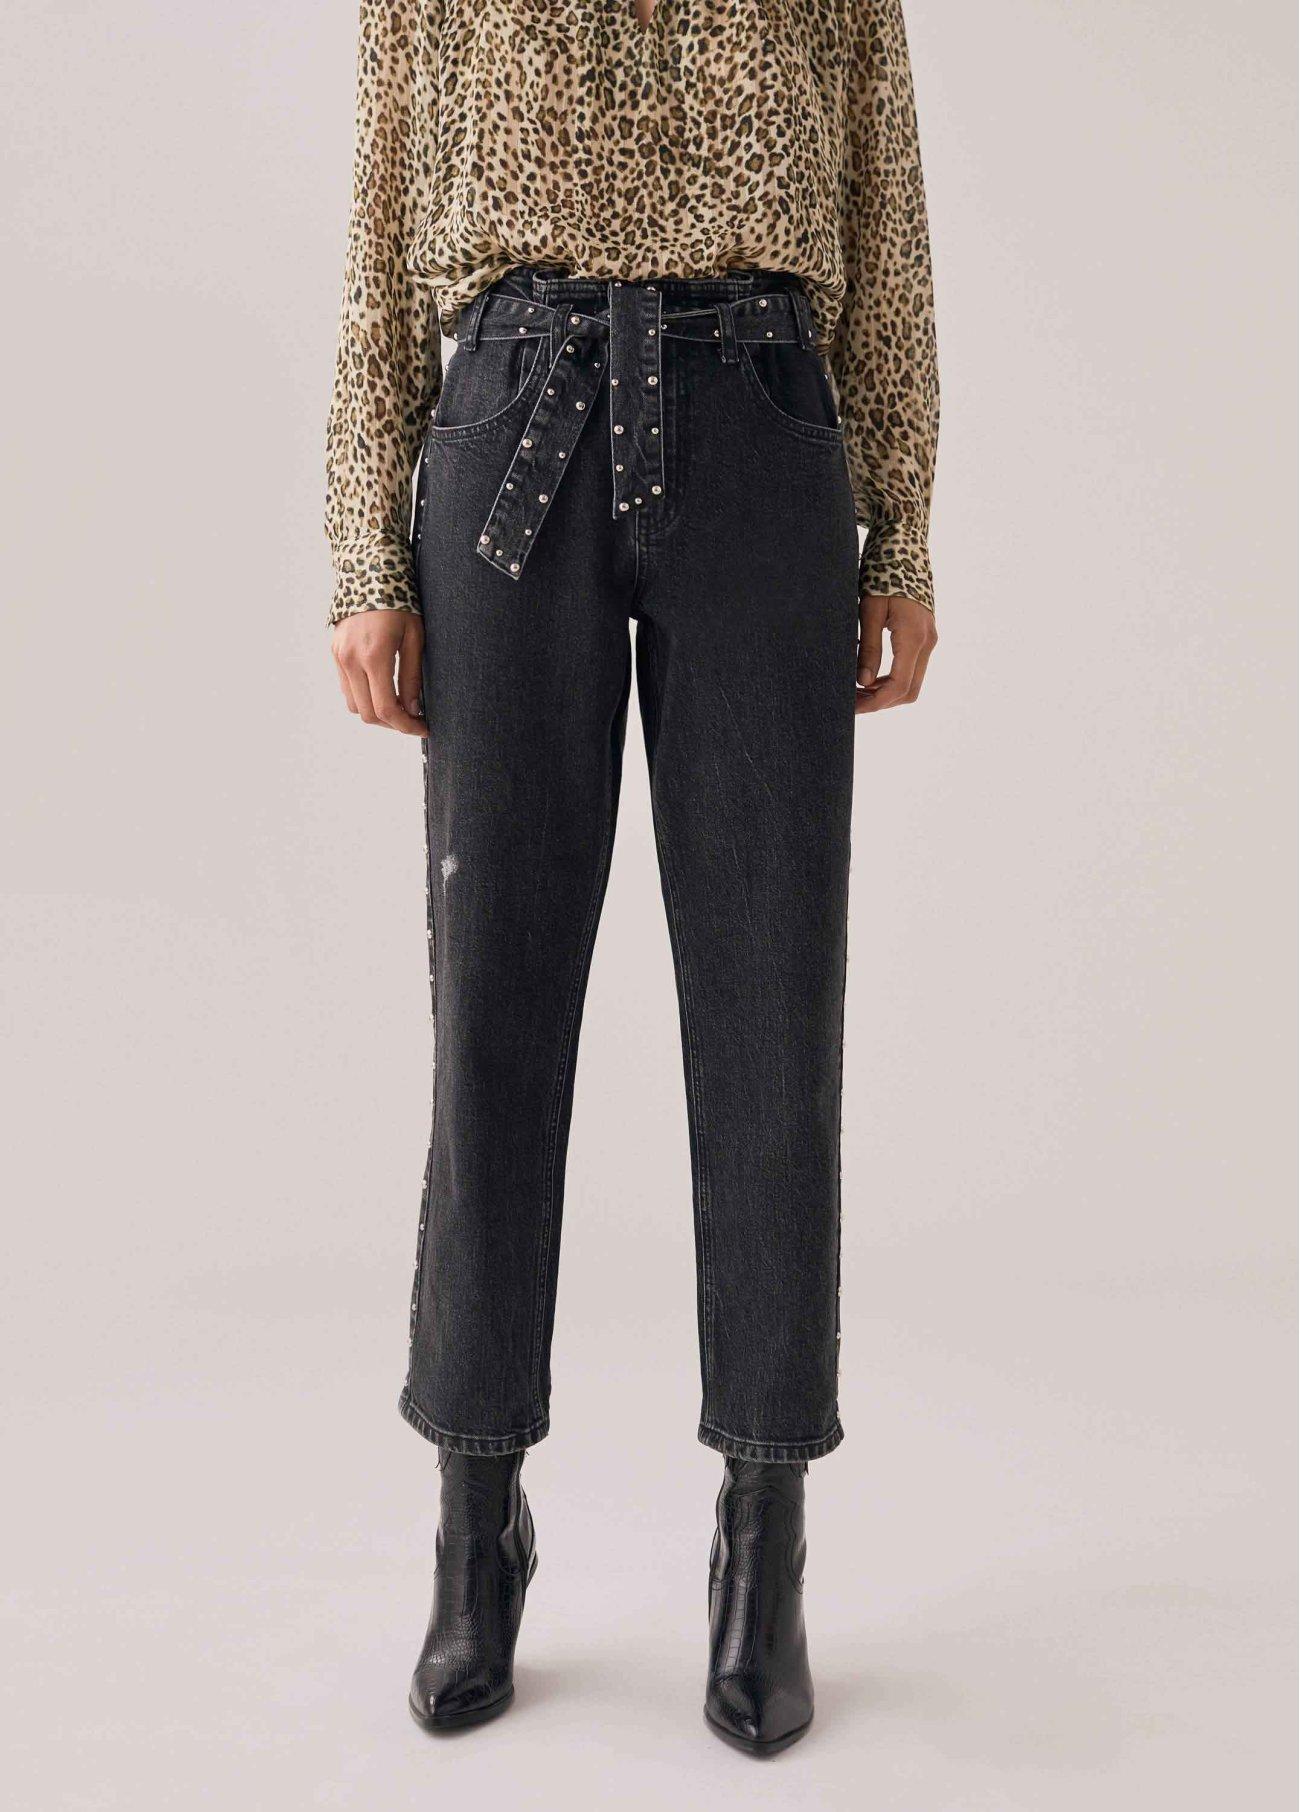 Jeans Paper bag con tachuelas doradas., negro 2